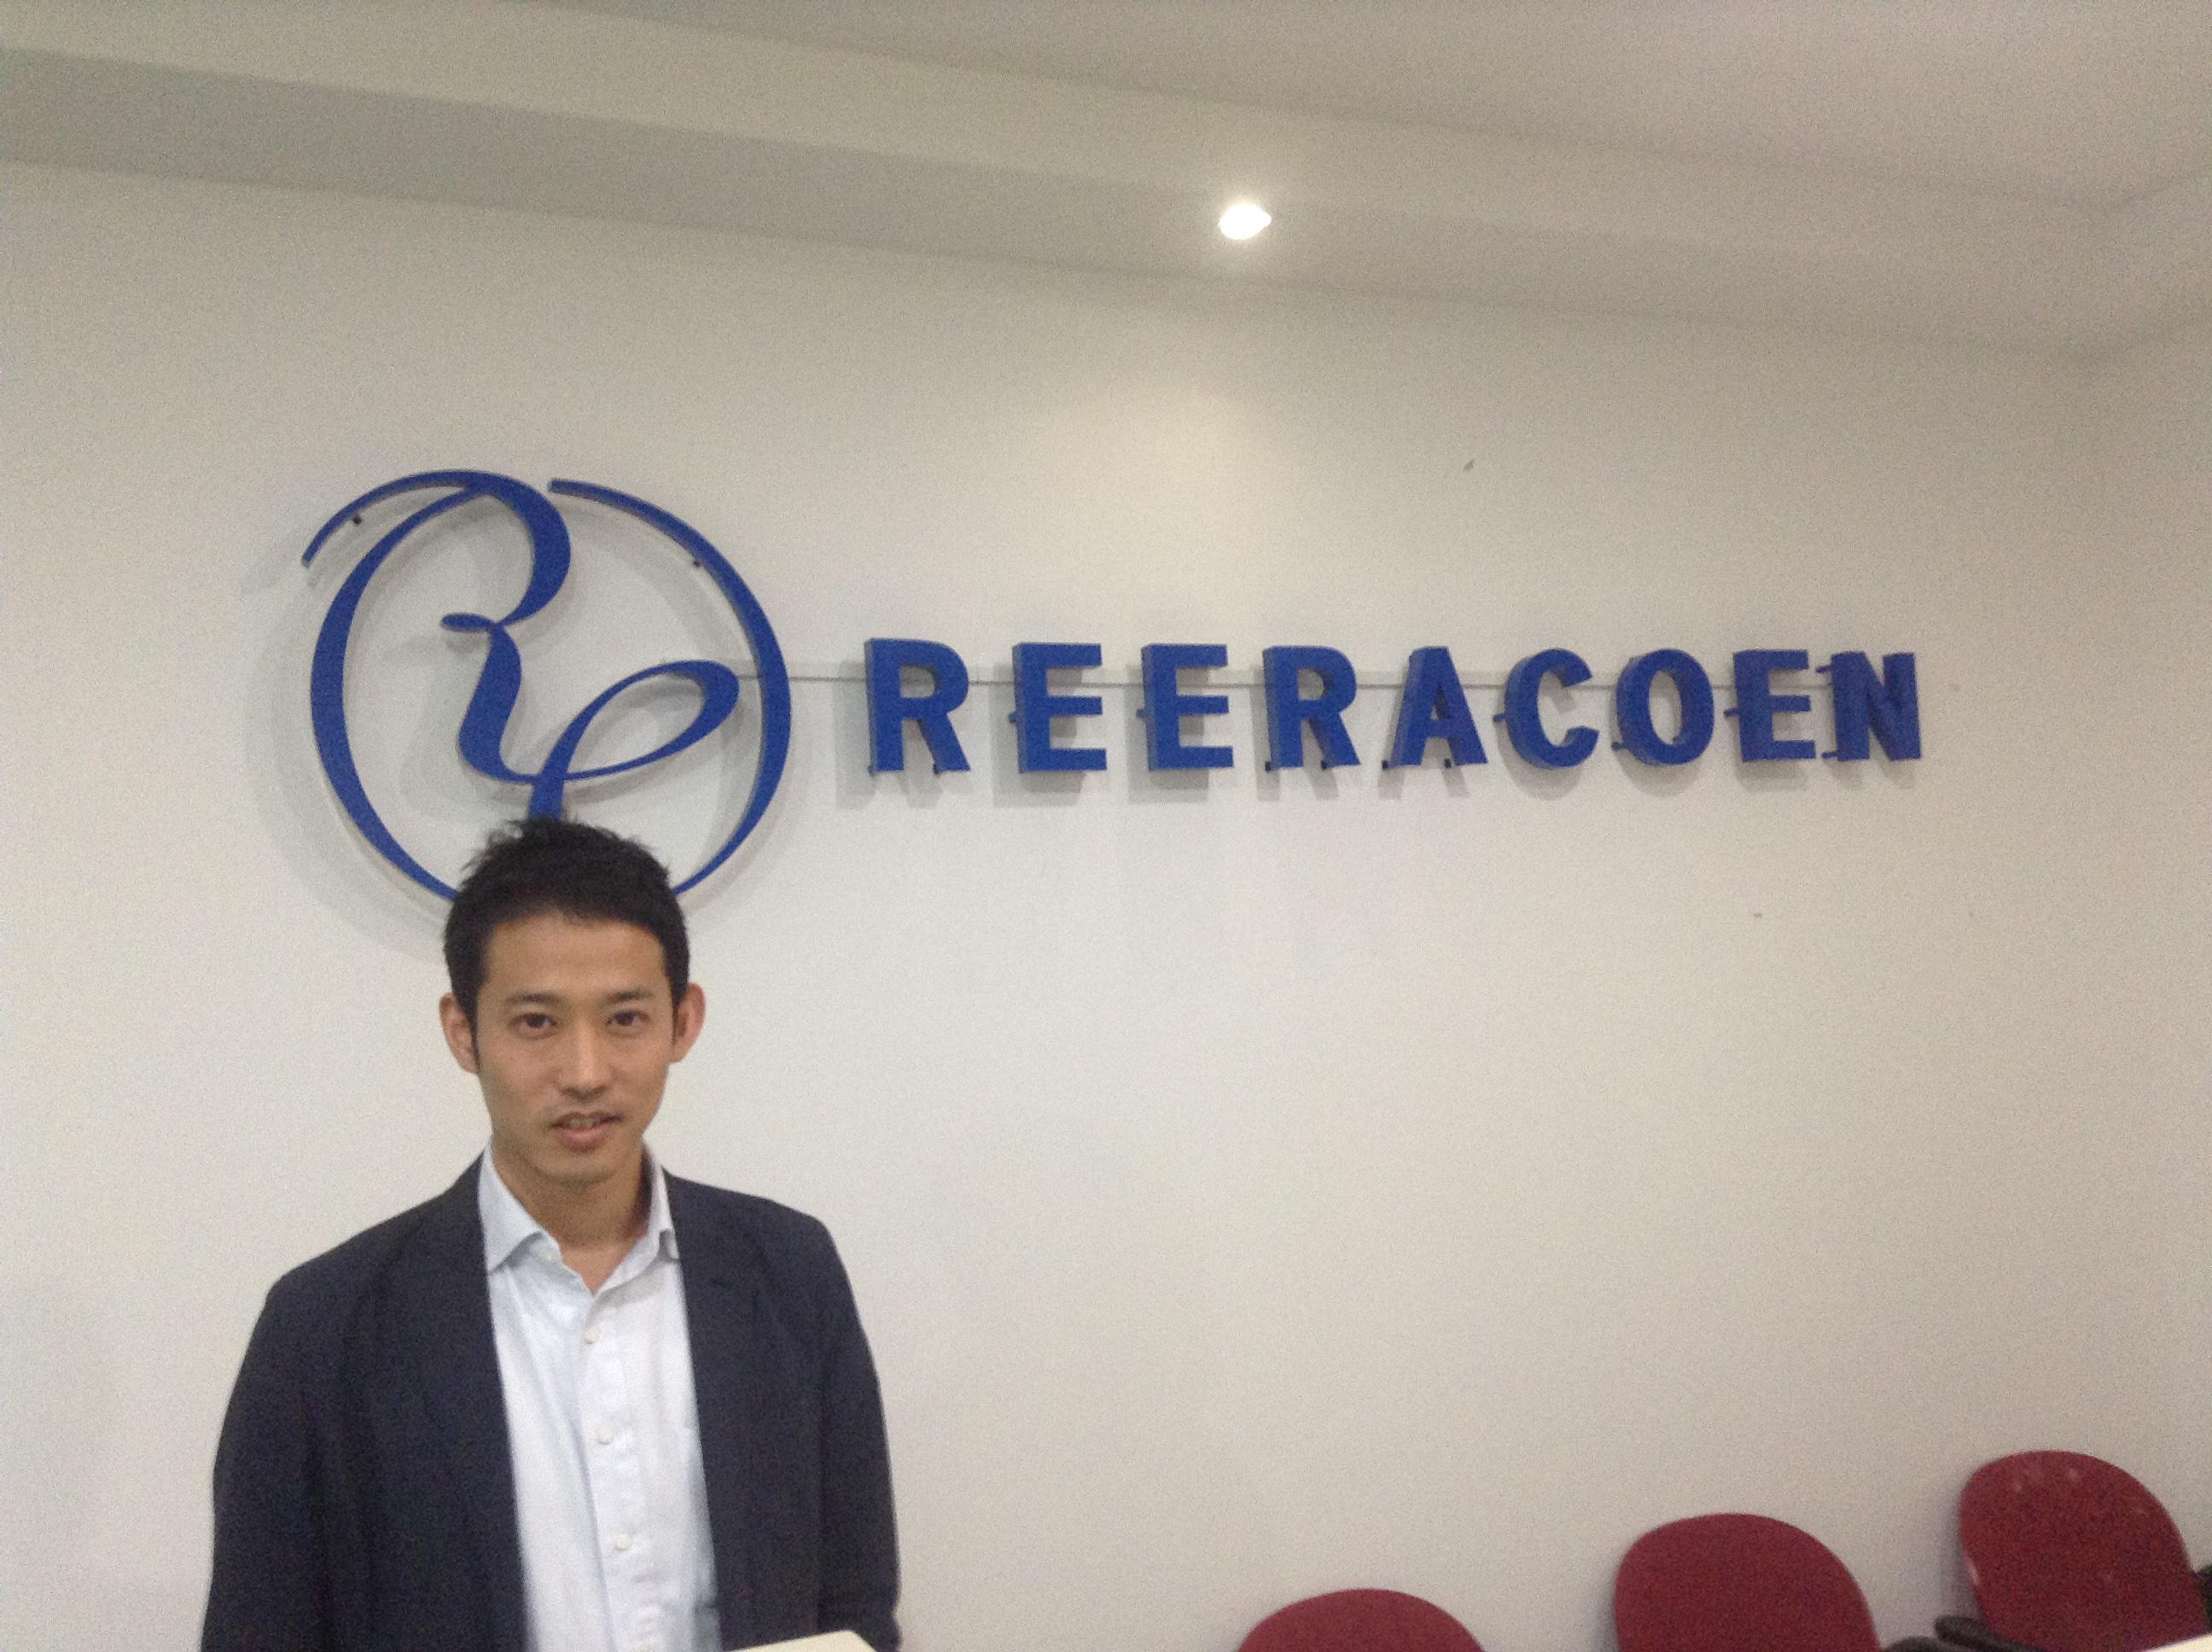 マレーシアの転職エージェント REERACOEN 内藤さん